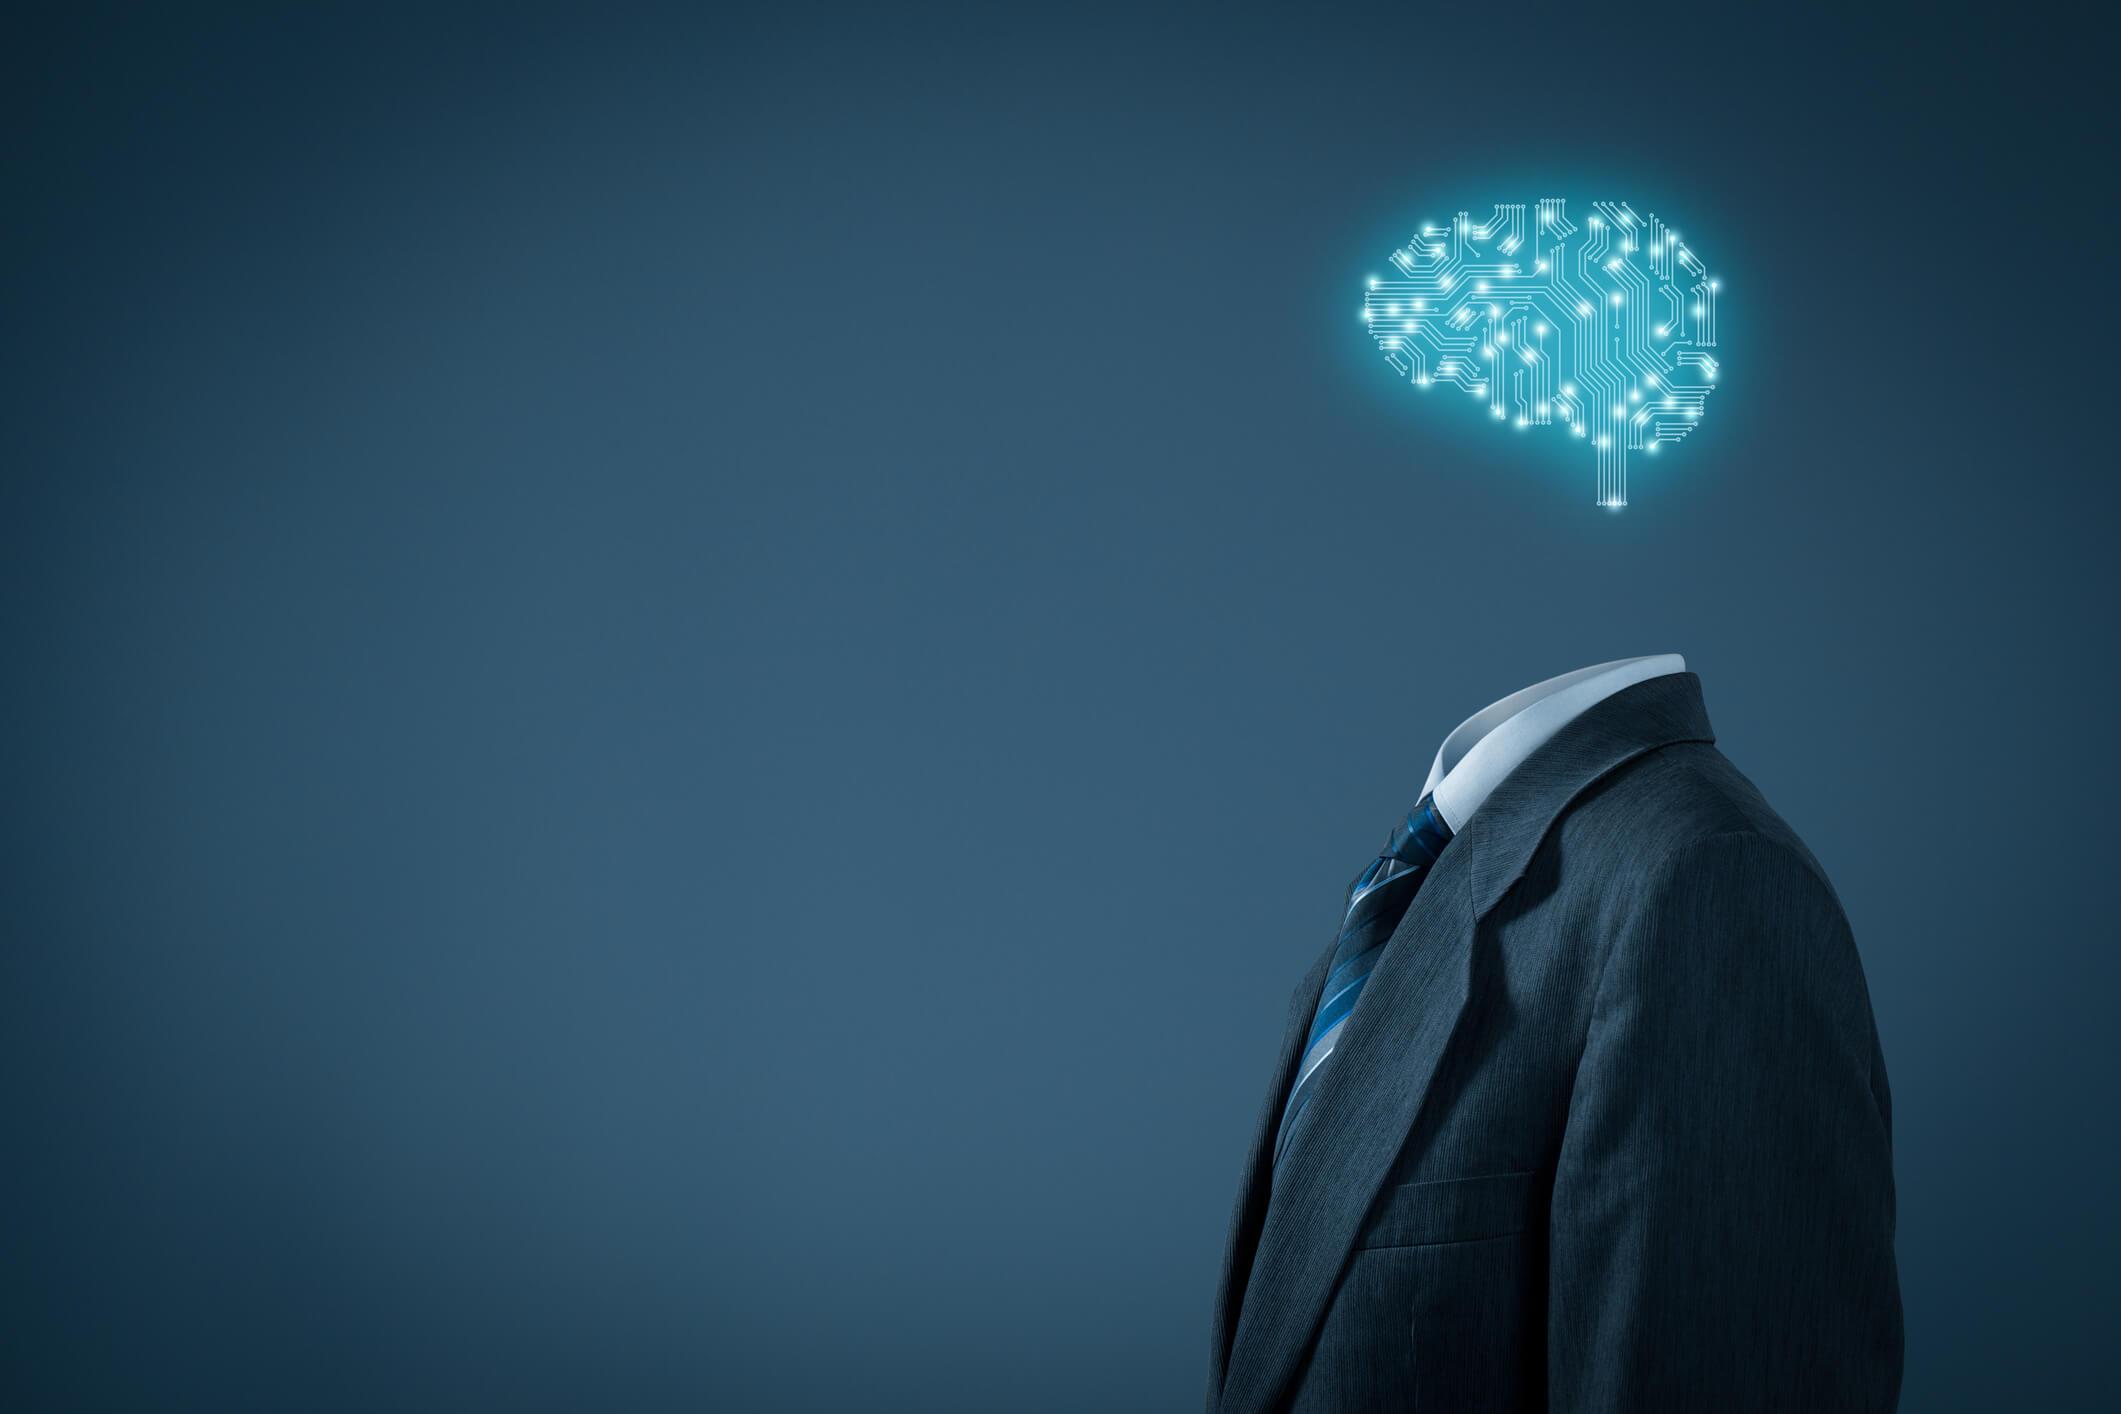 Yapay Zekâ Öğrenimi İçin 5 Yenilikçi Kullanım